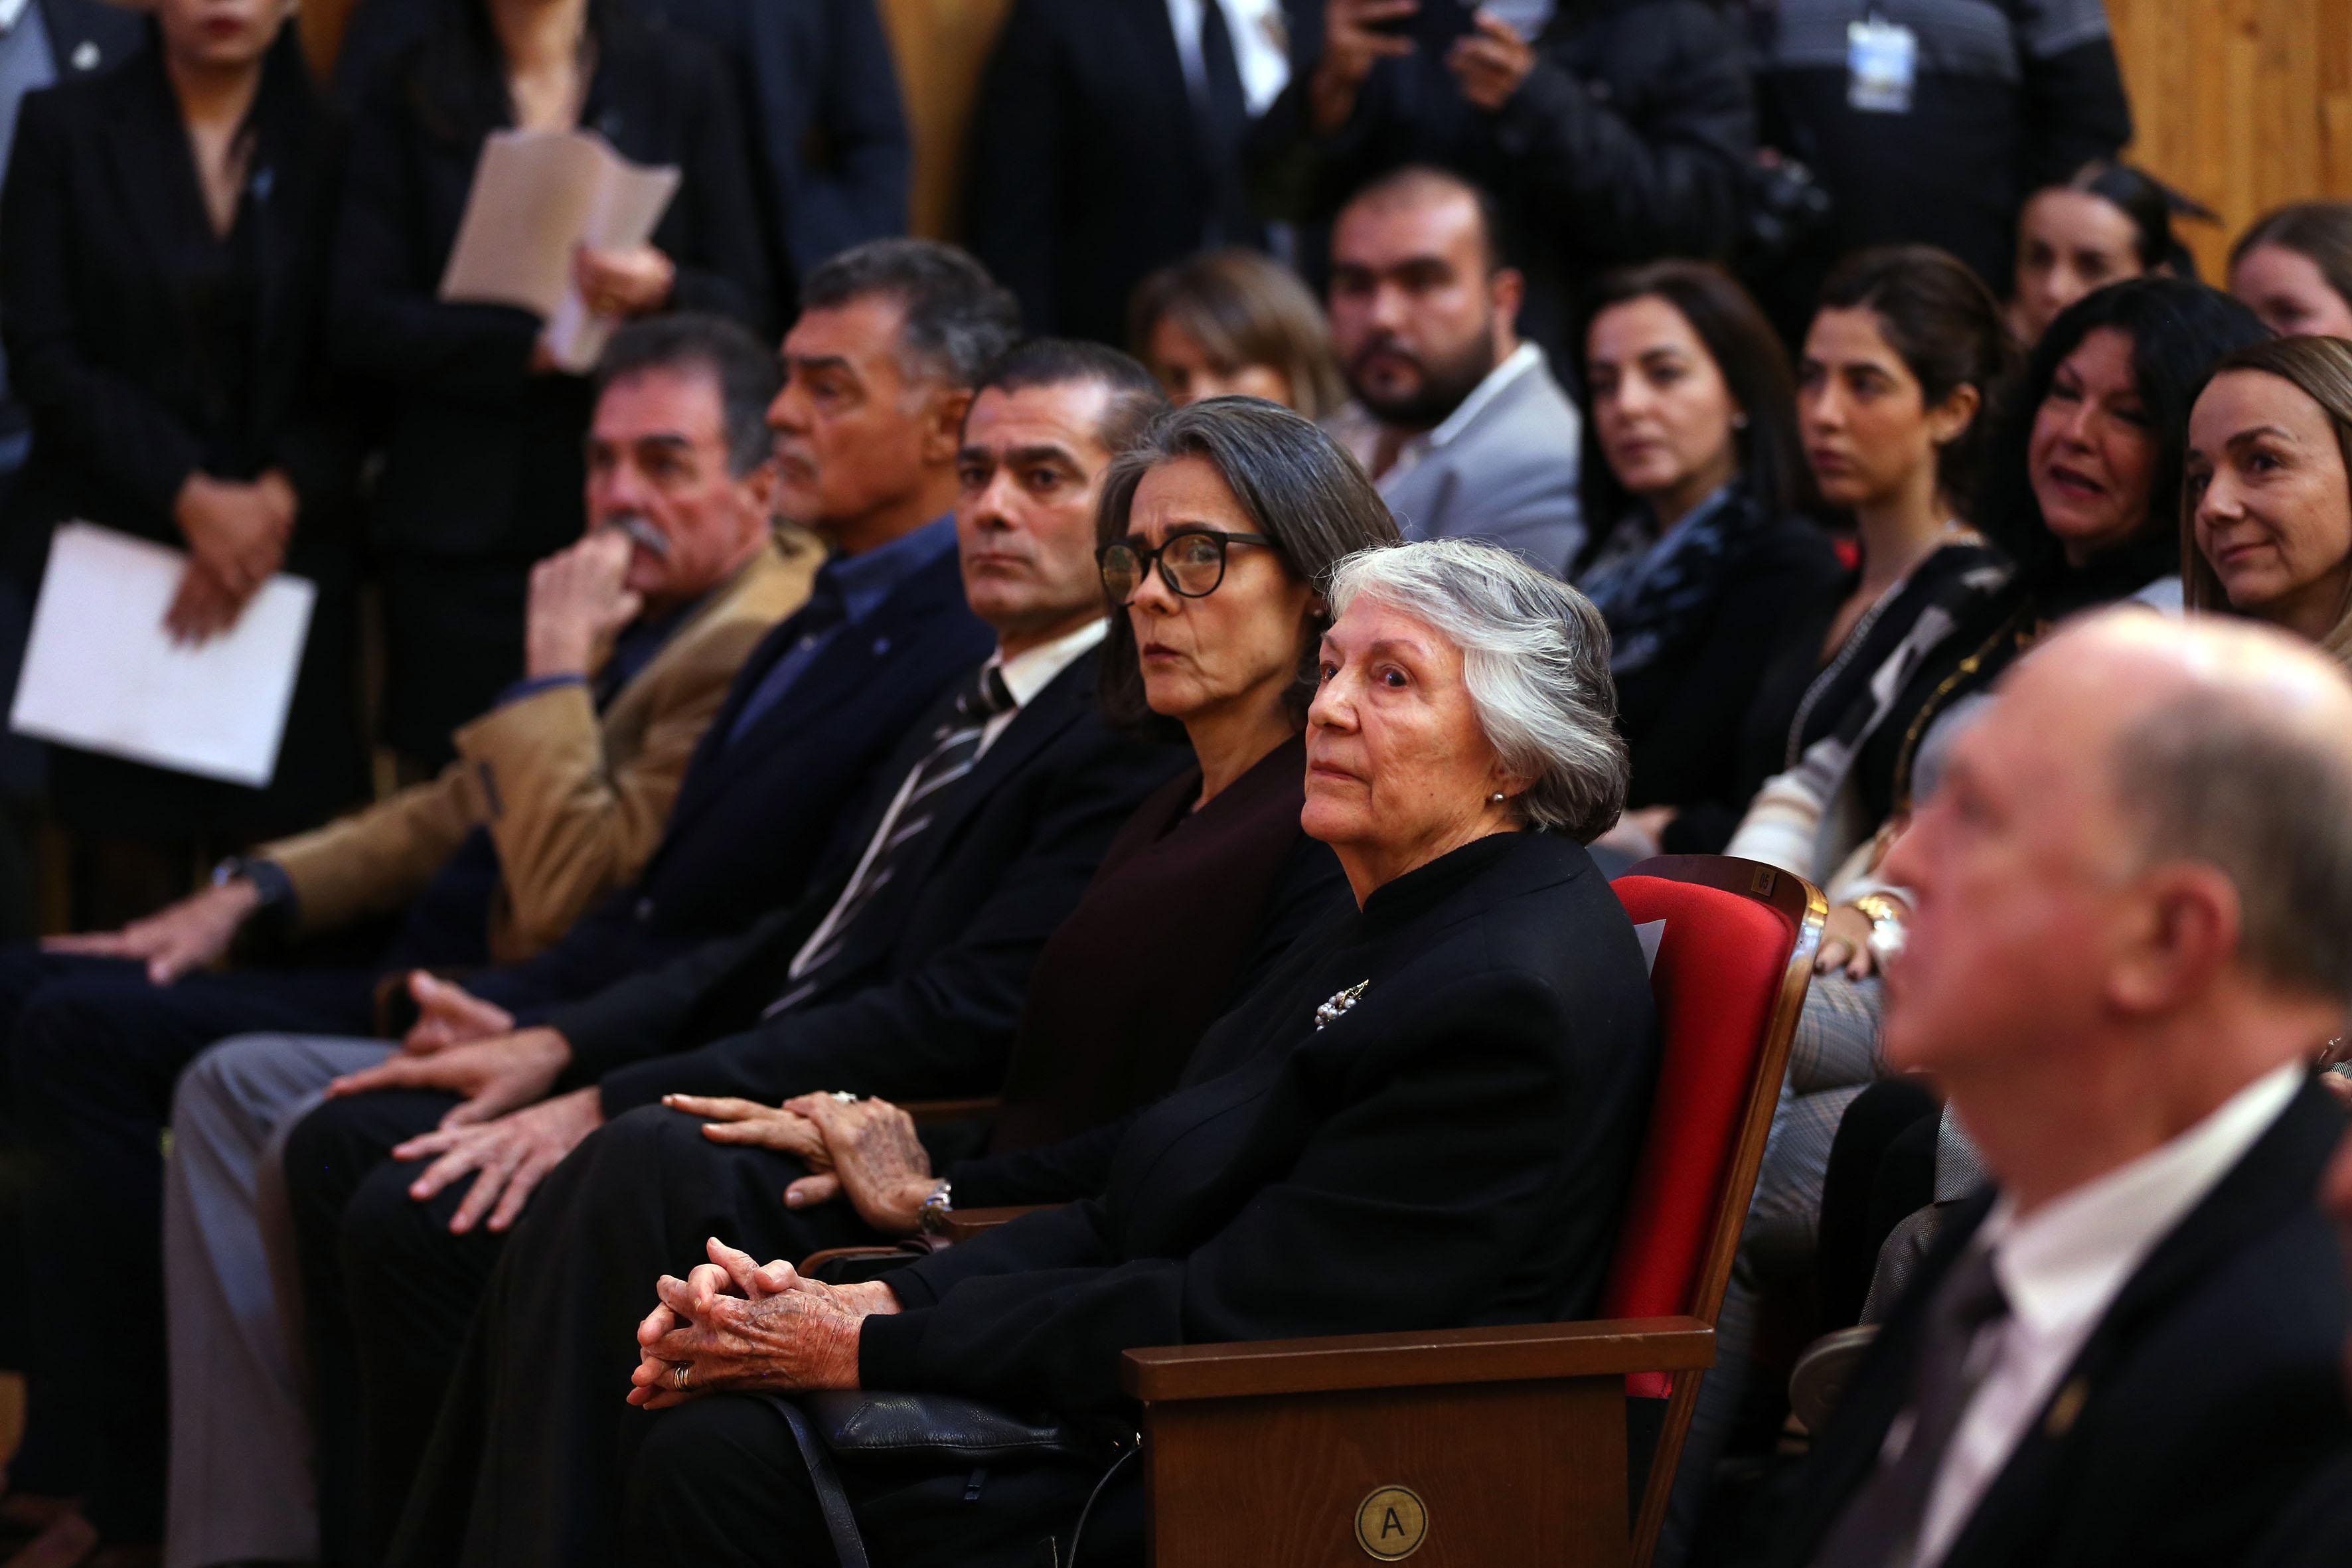 Familiares del Dr. Mario Rivas S. en primera fila del Paraninfo